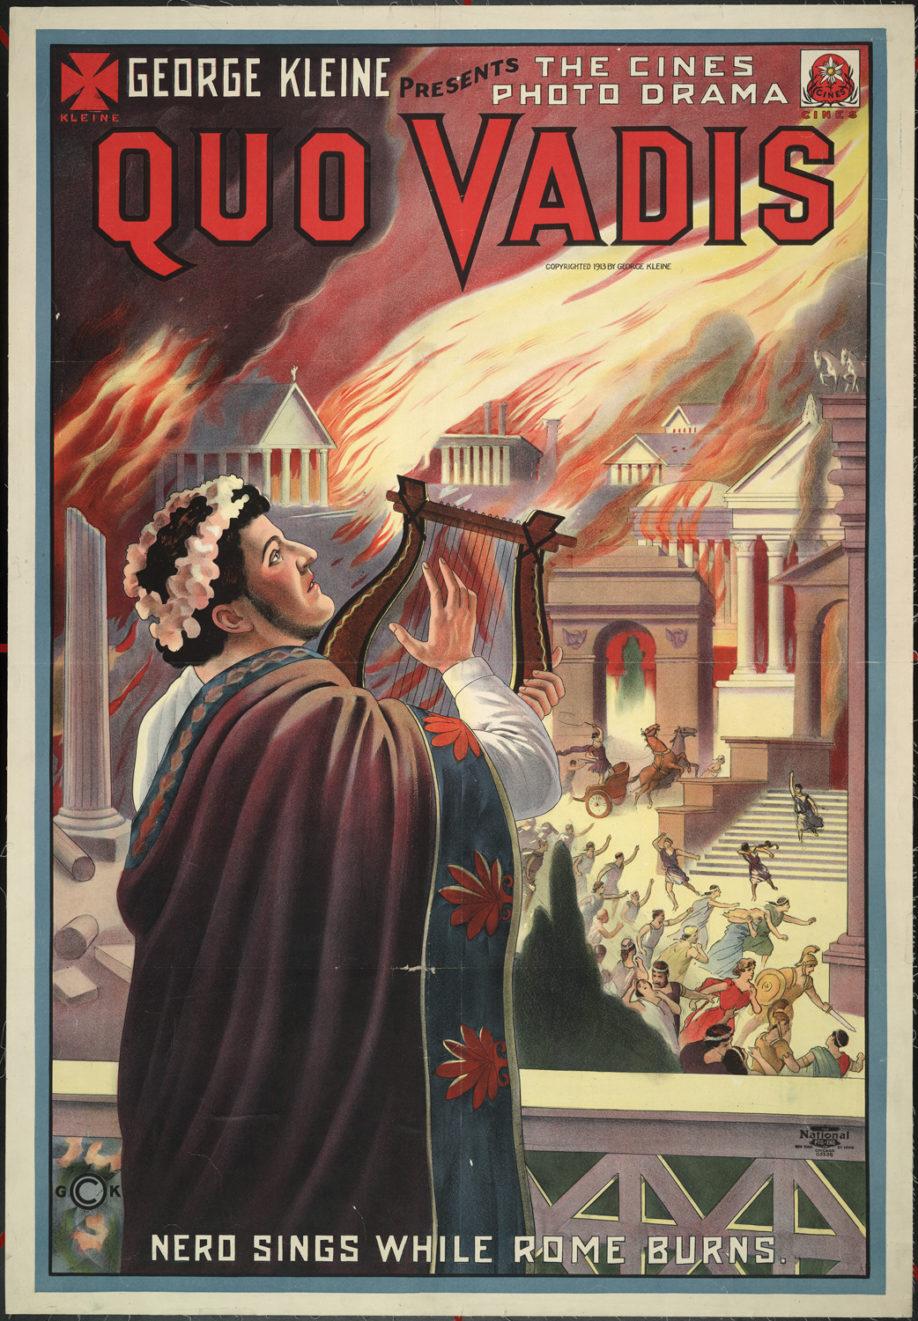 """Affiche du film """"Quo Vadis"""" (1951) (crédits : Wikimedia Commons)"""